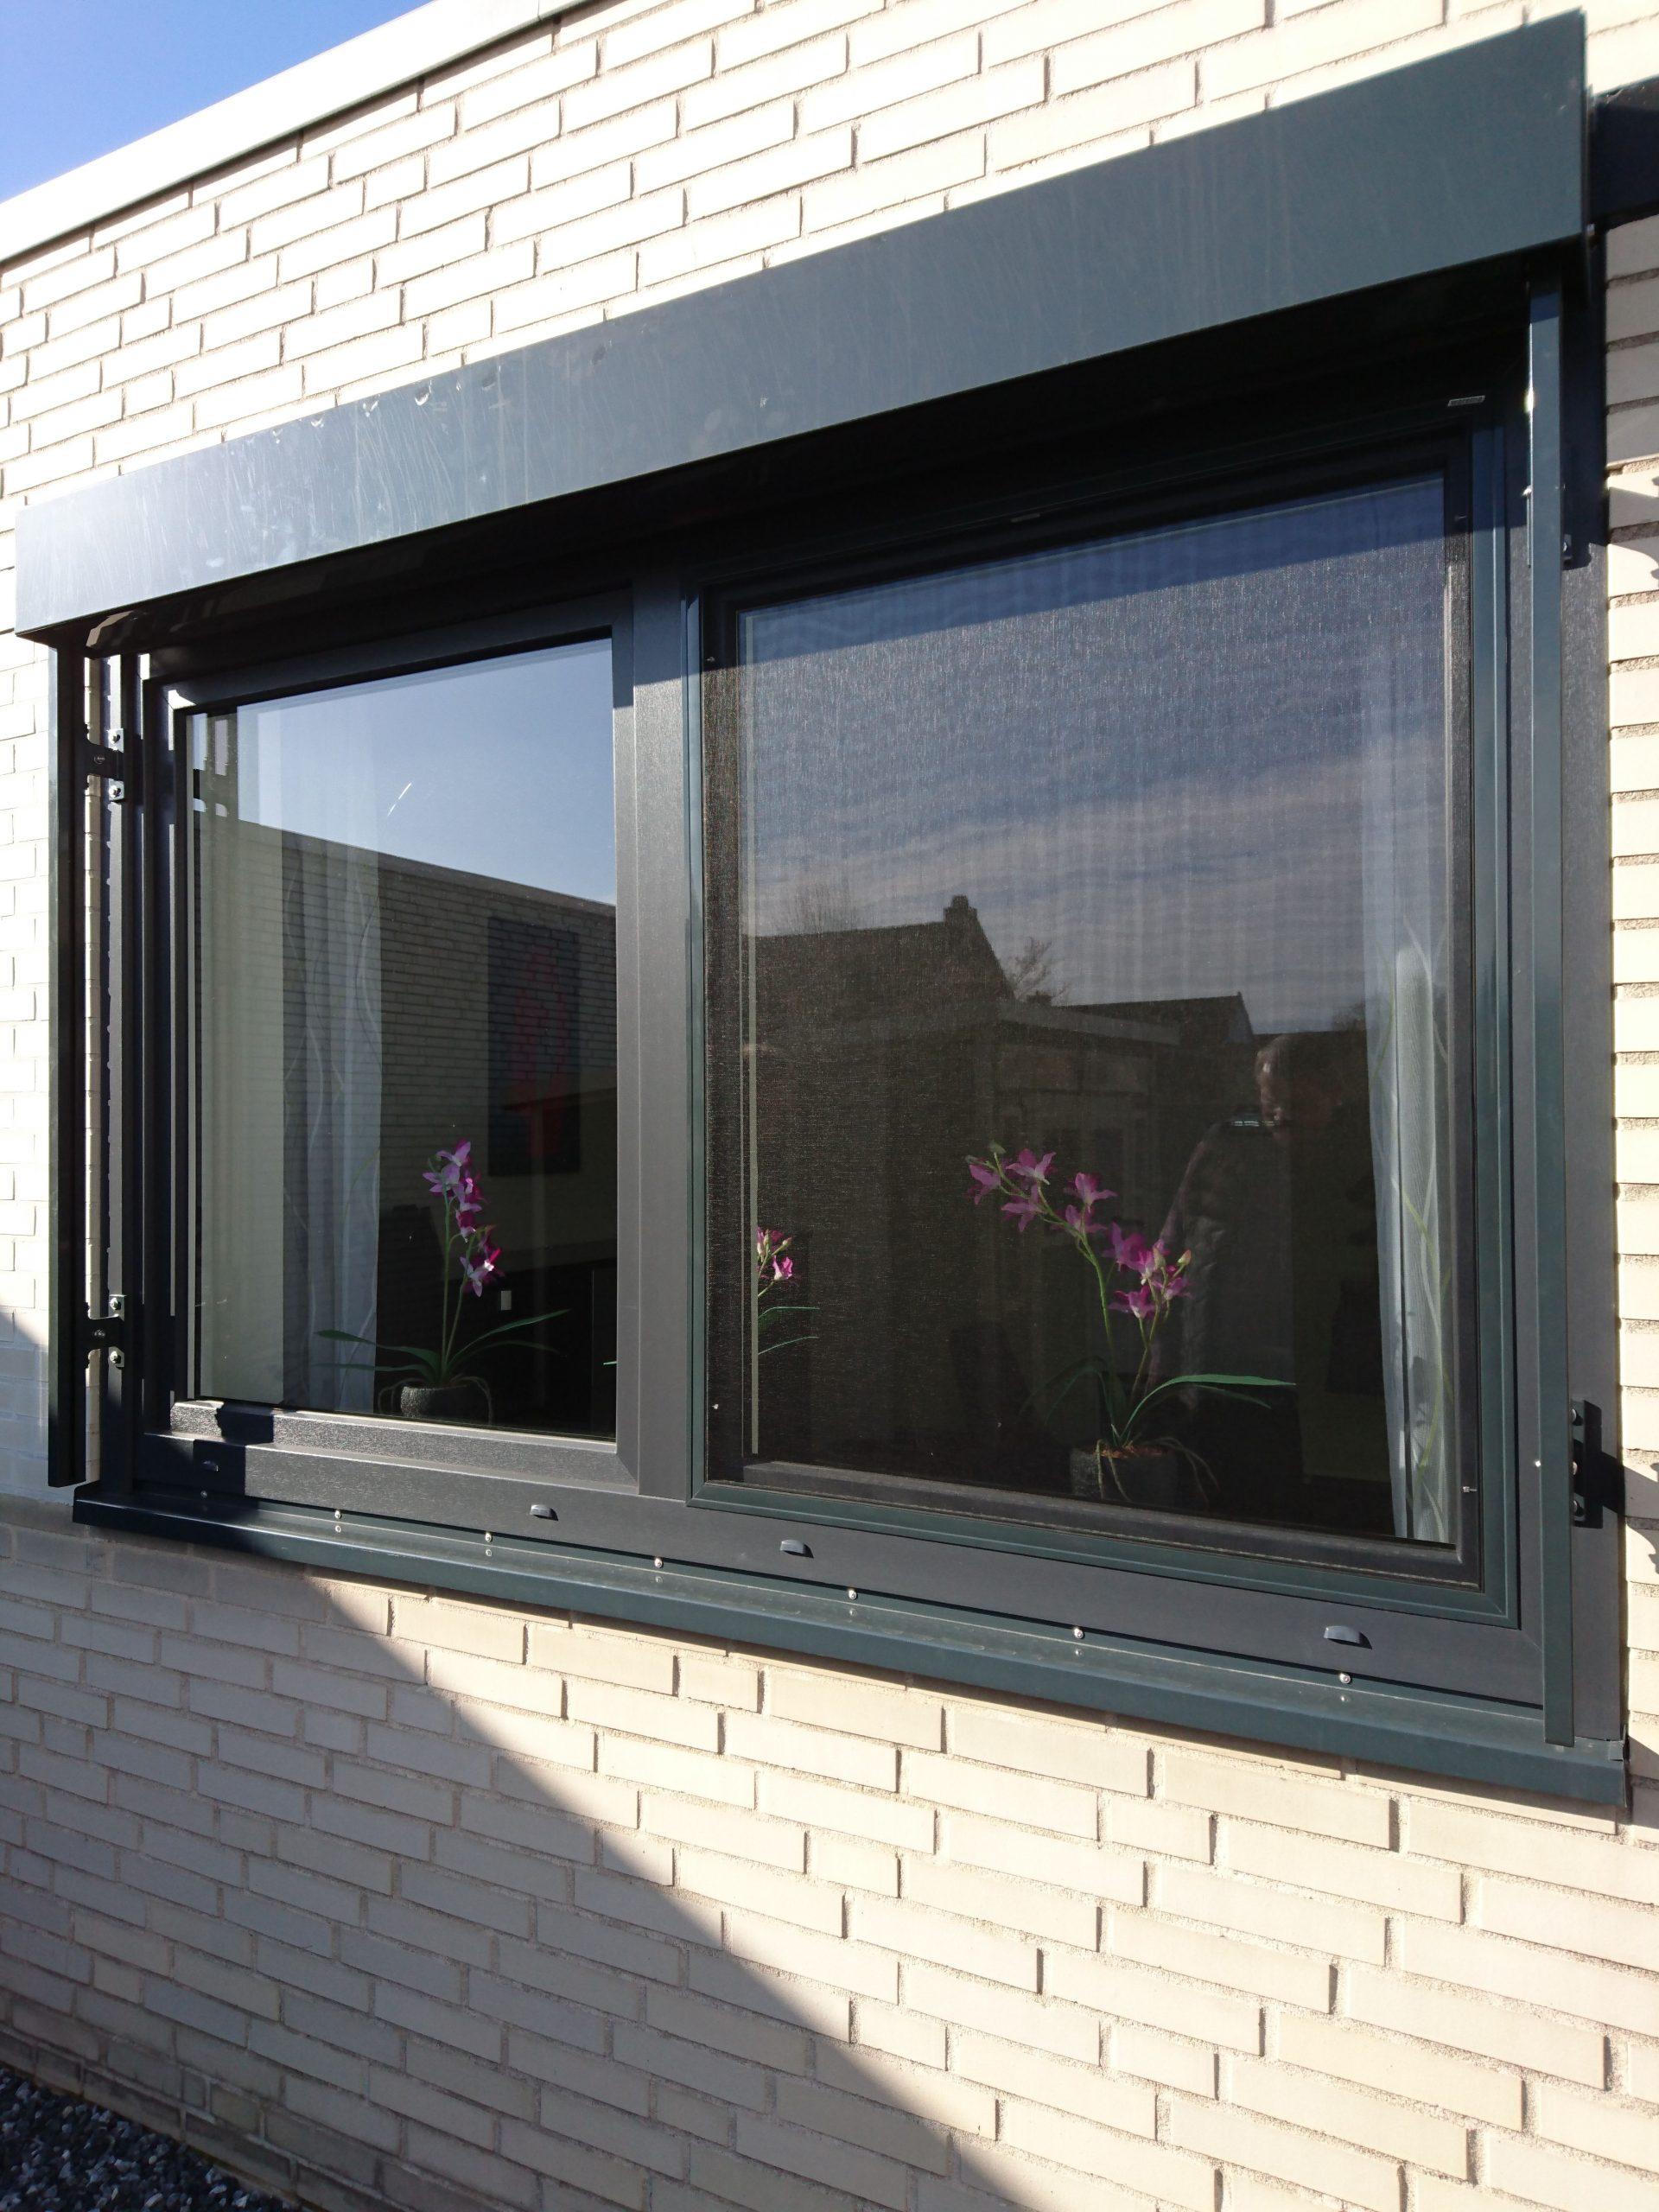 Full Size of Schallschutz Fenster Einbruchsichere Insektenschutzrollo Mit Eingebauten Rolladen Fliegengitter Sichtschutzfolien Für Günstige Felux 120x120 Schüco Online Fenster Schallschutz Fenster